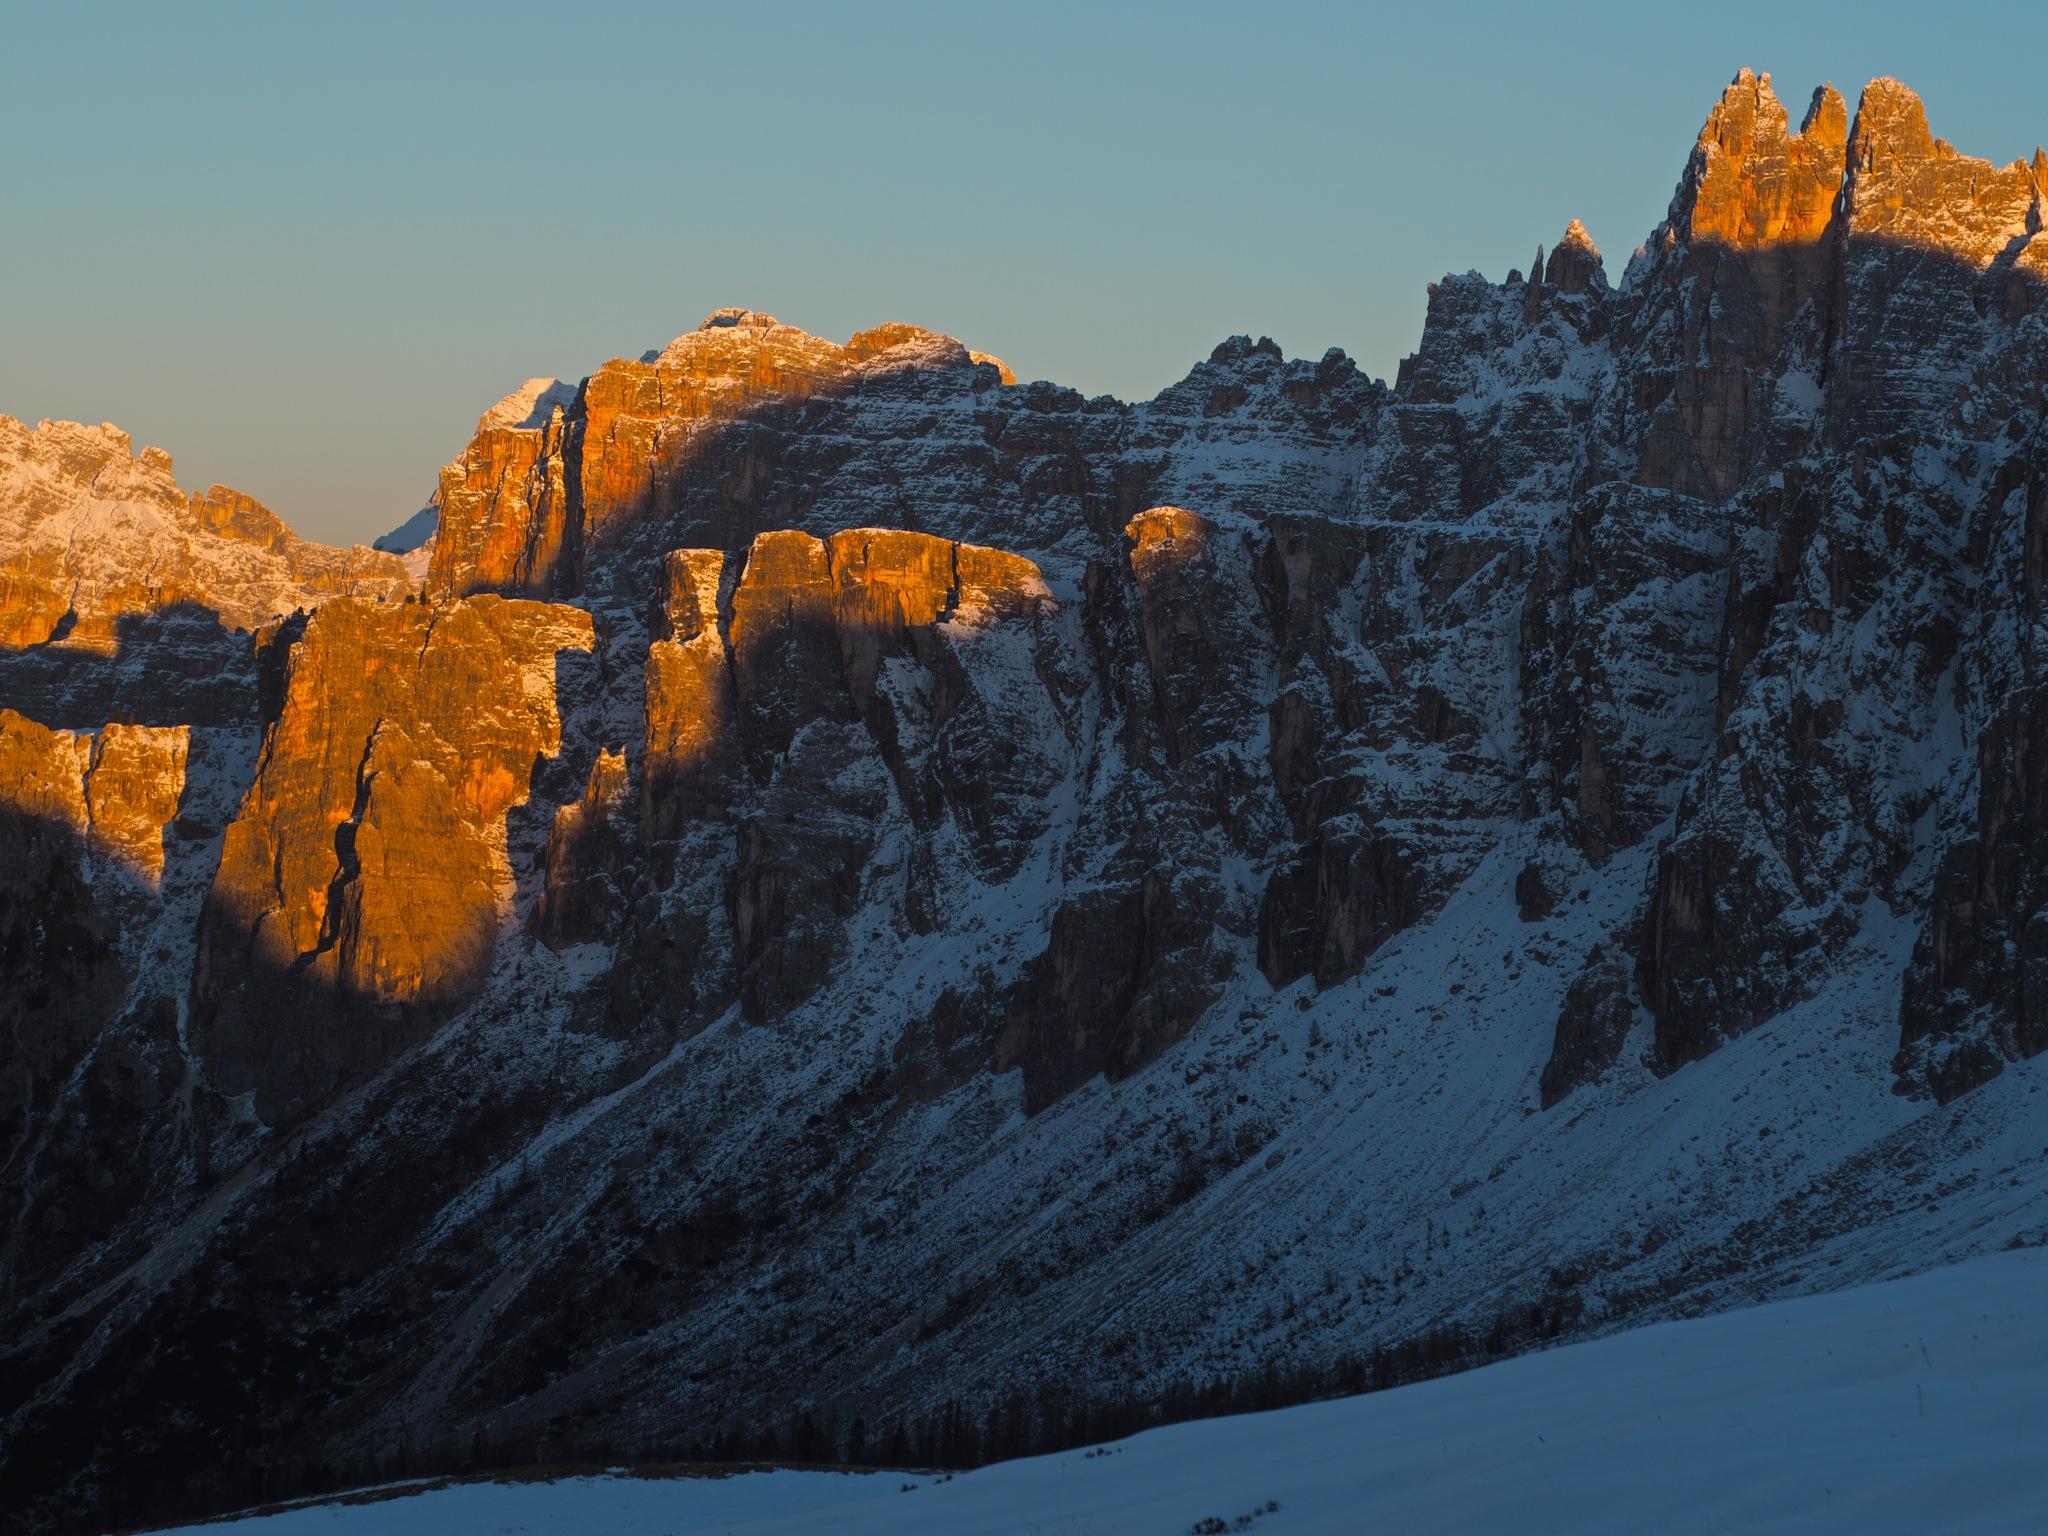 Dolomities Sunset  by Giancarlo Cappellari